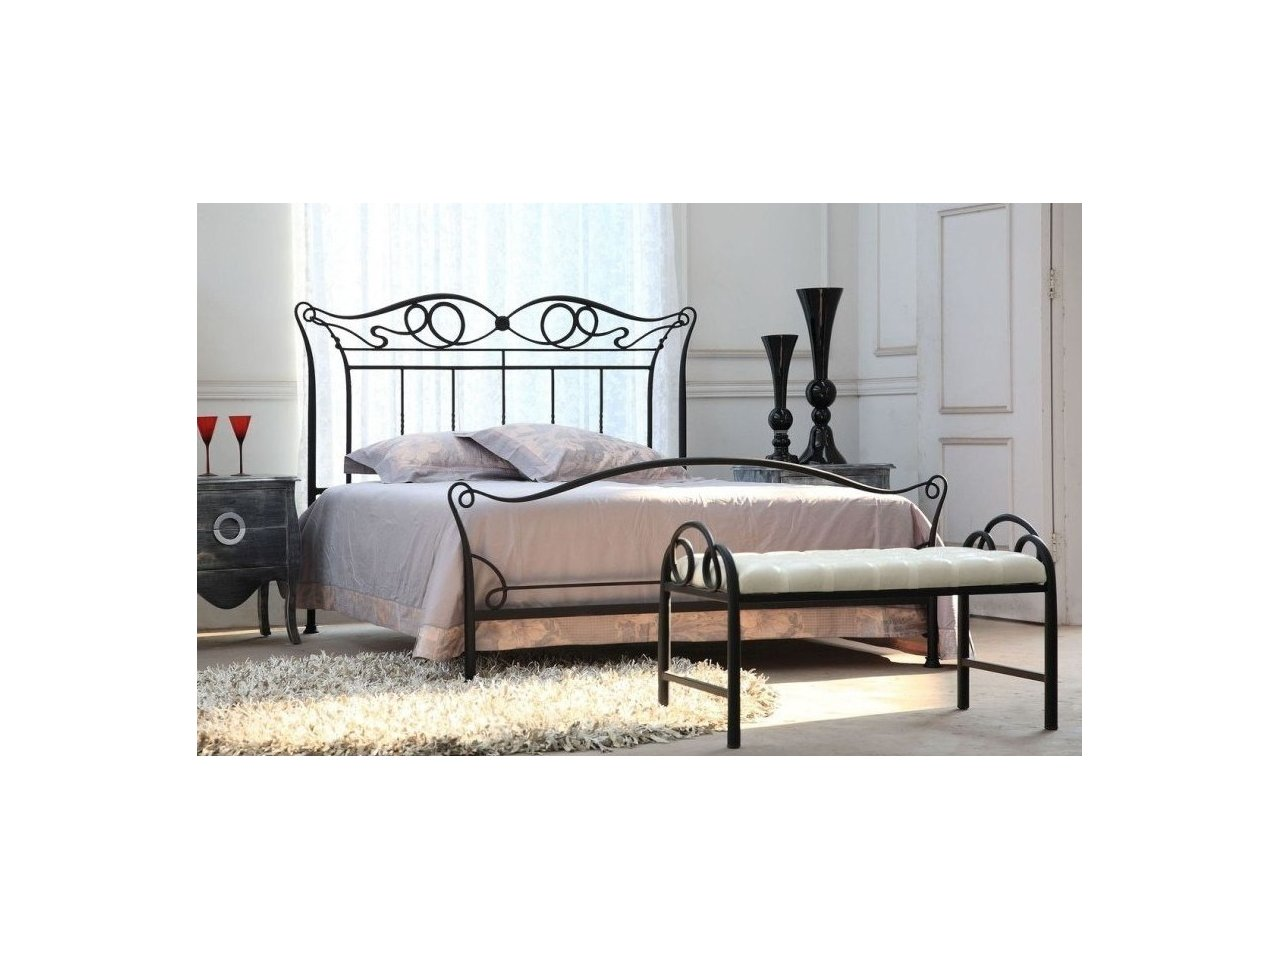 Metalowe łóżko Kute Model Mk11